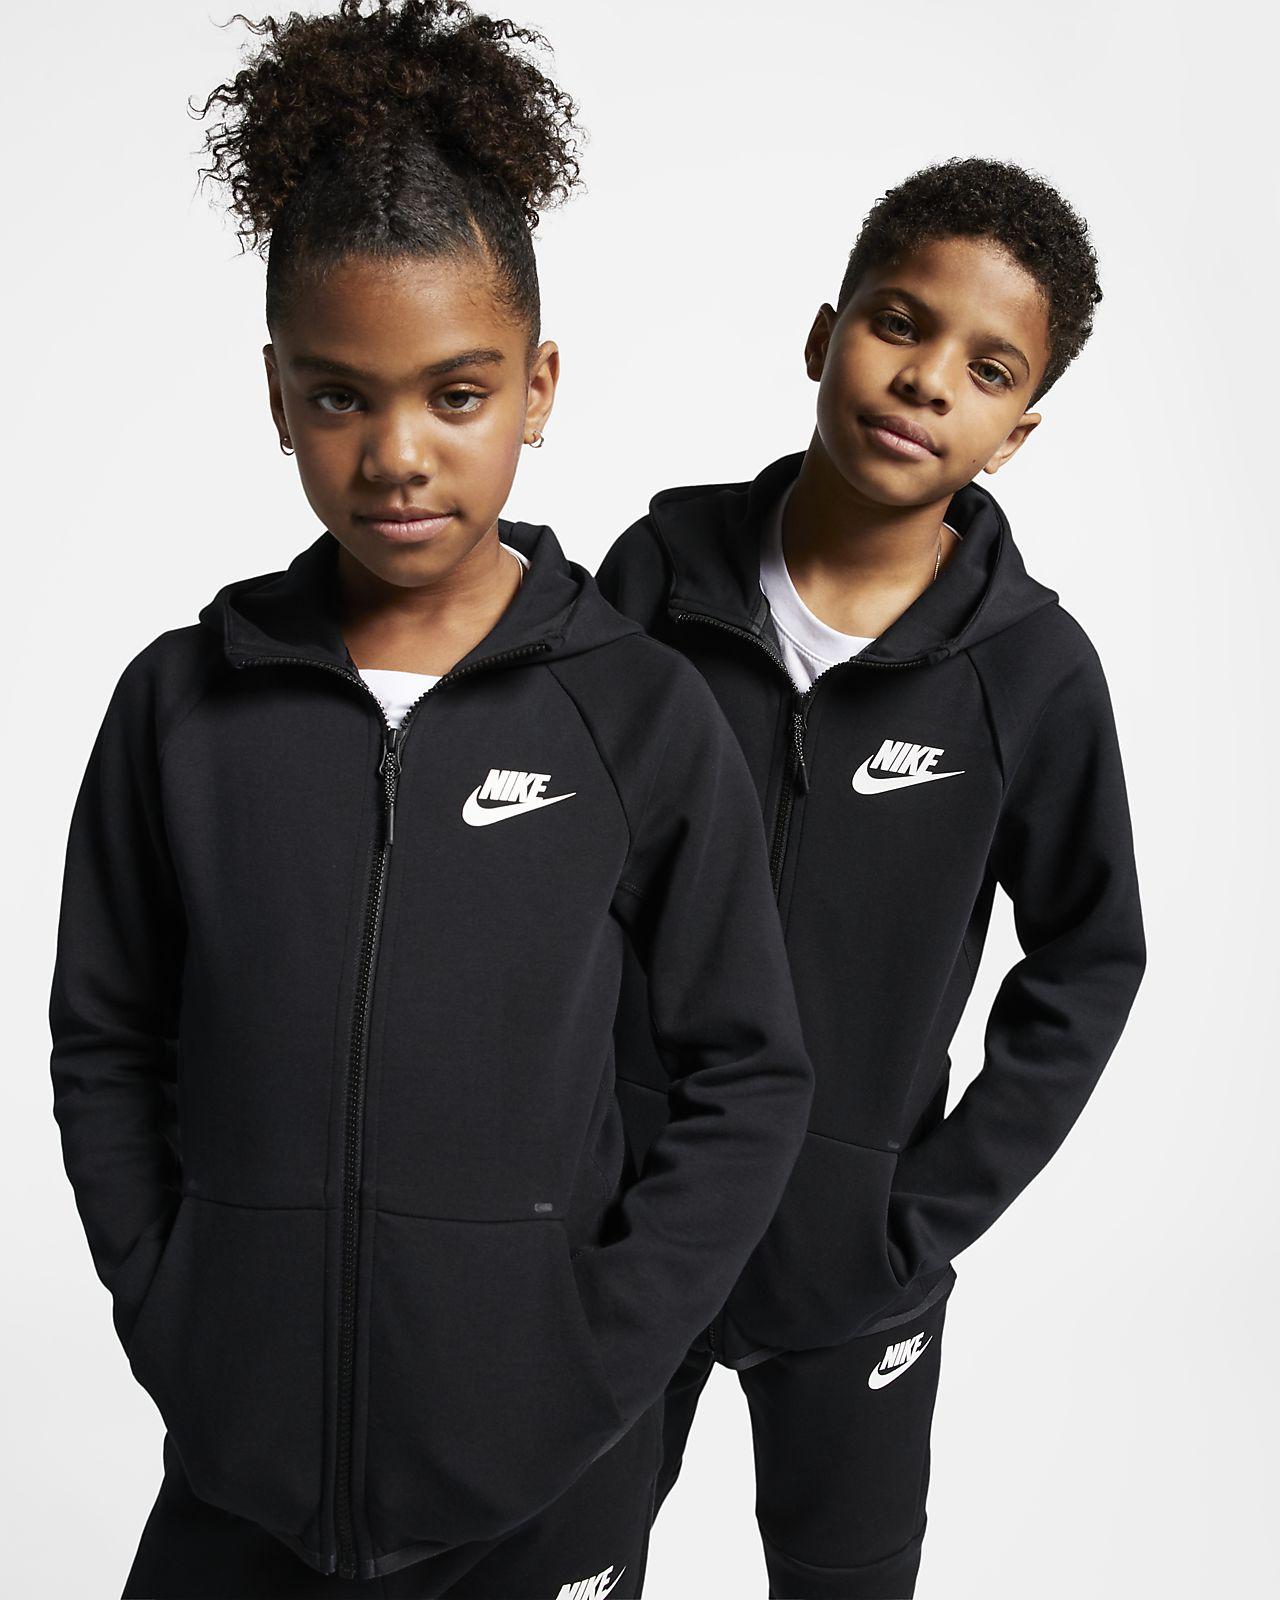 Sportswear Tech Ältere Kinder Durchgehendem Fleece Mit Jacke Für Reißverschluss Nike 9WD2YIeEH